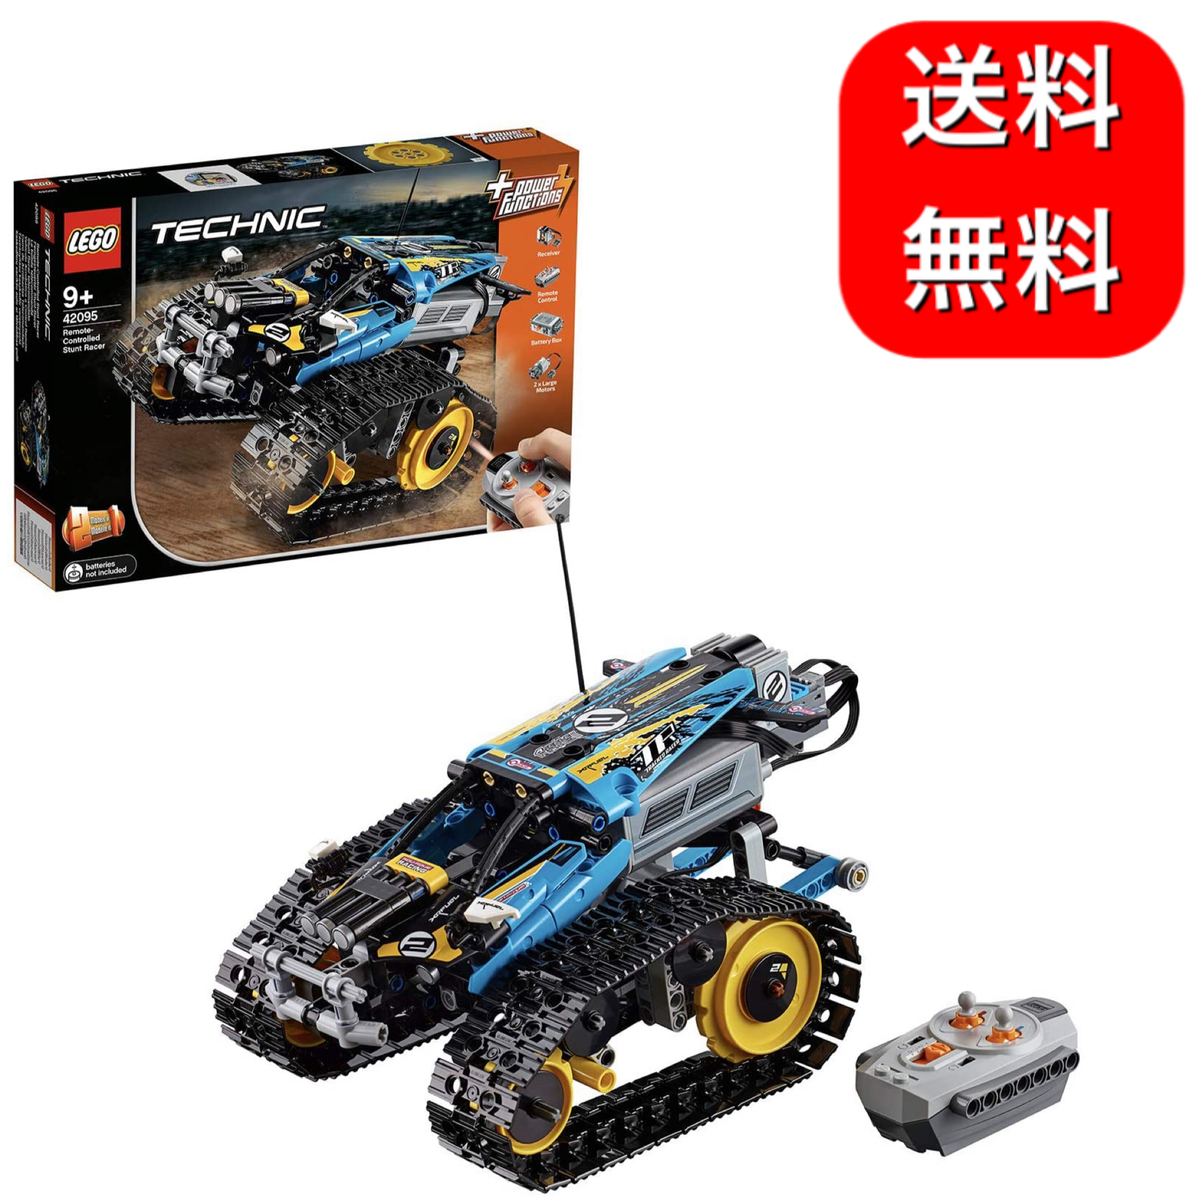 全国一律送料無料 レゴ LEGO テクニック RC 正規認証品!新規格 スタントレーサー 42095 売れ筋ランキング